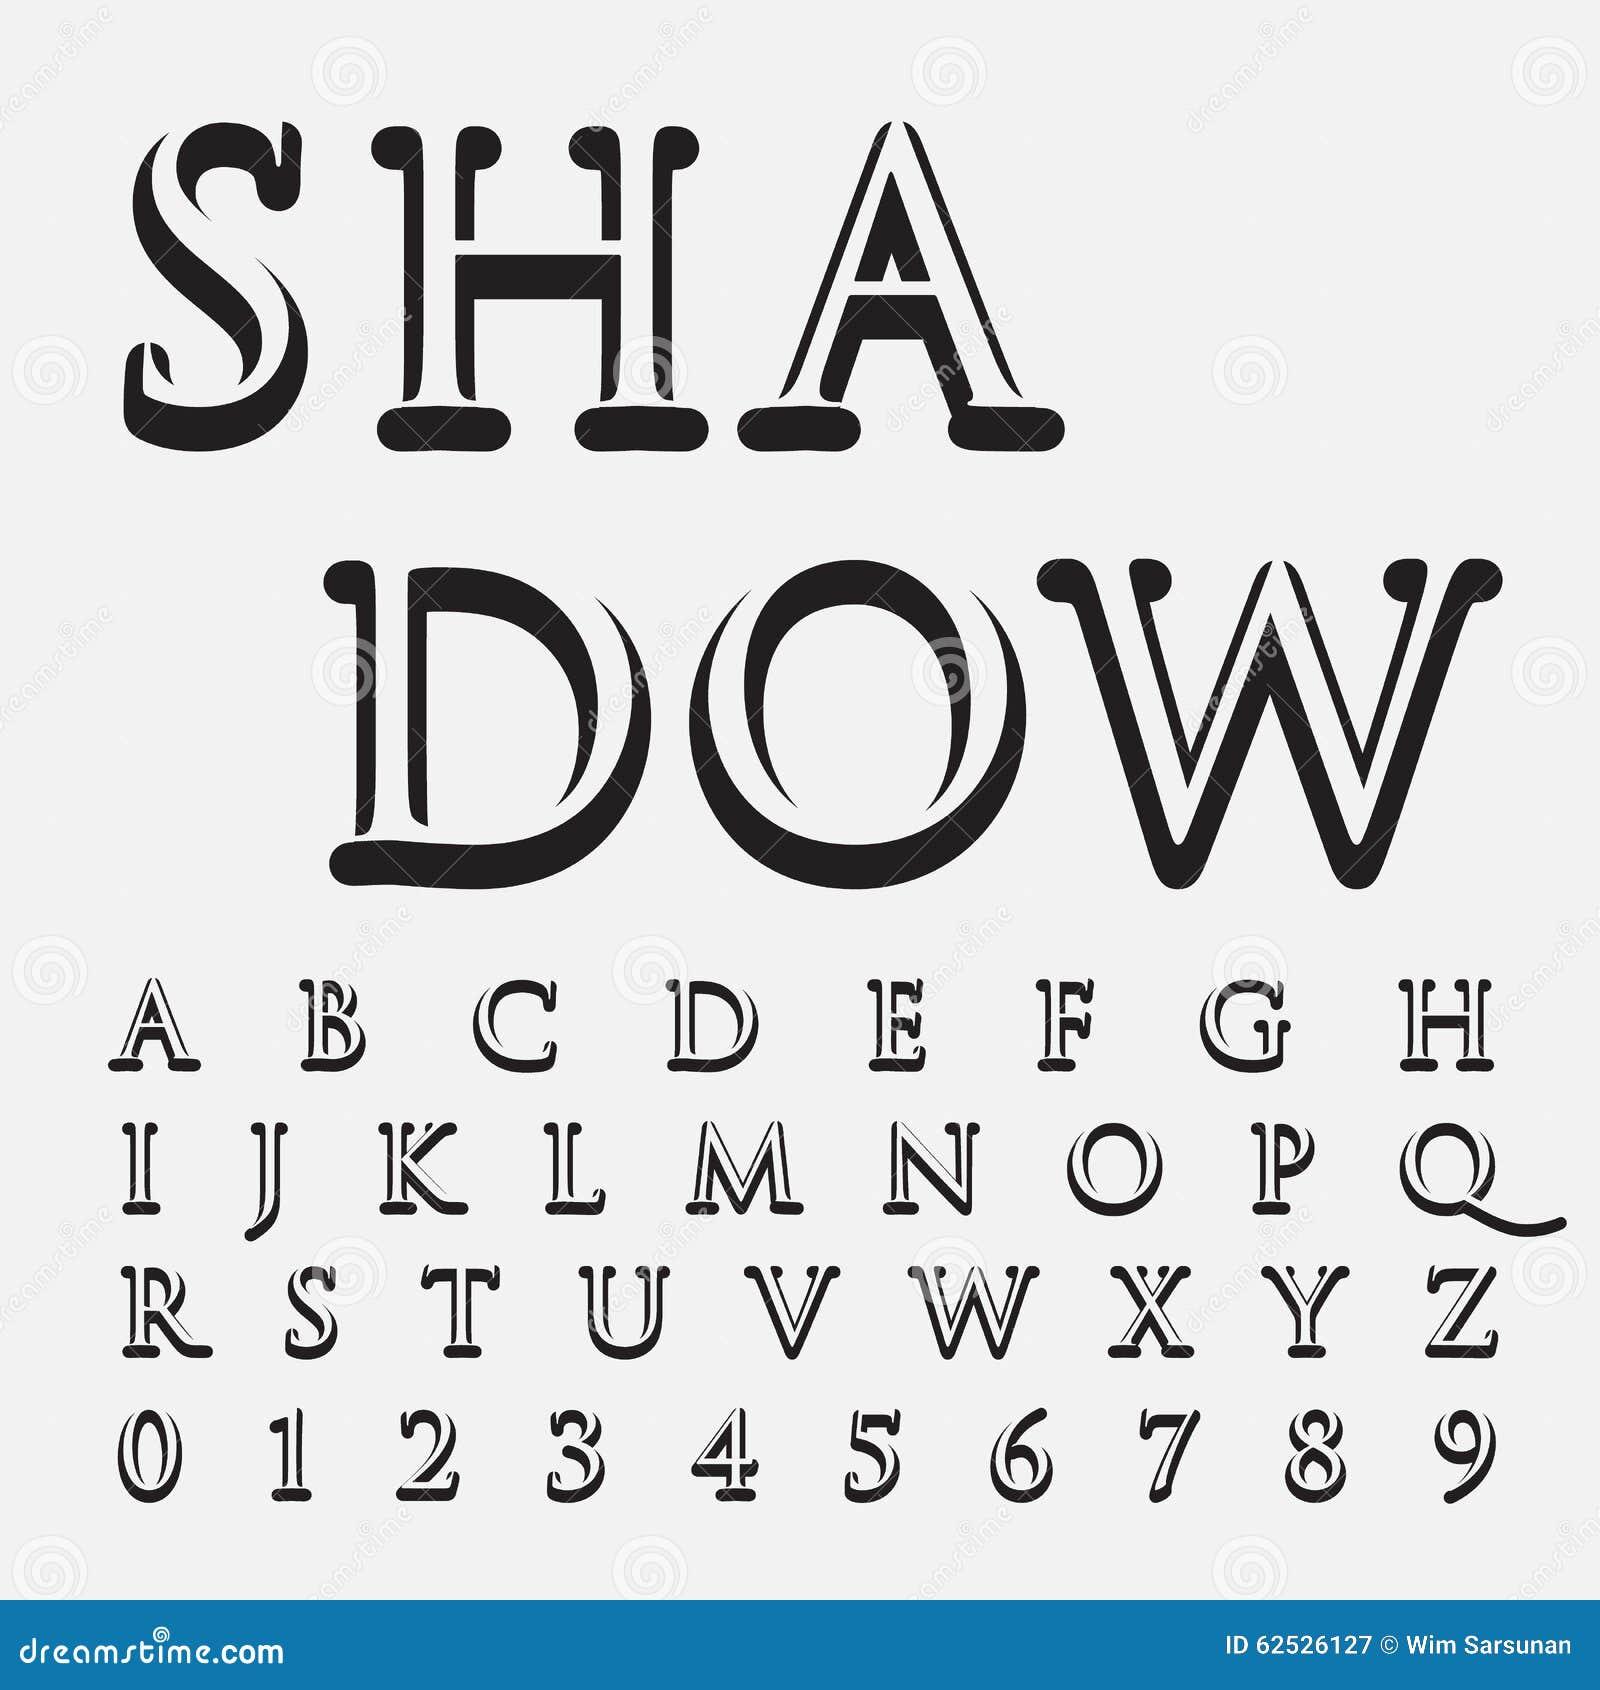 按字母顺序的字体和数字